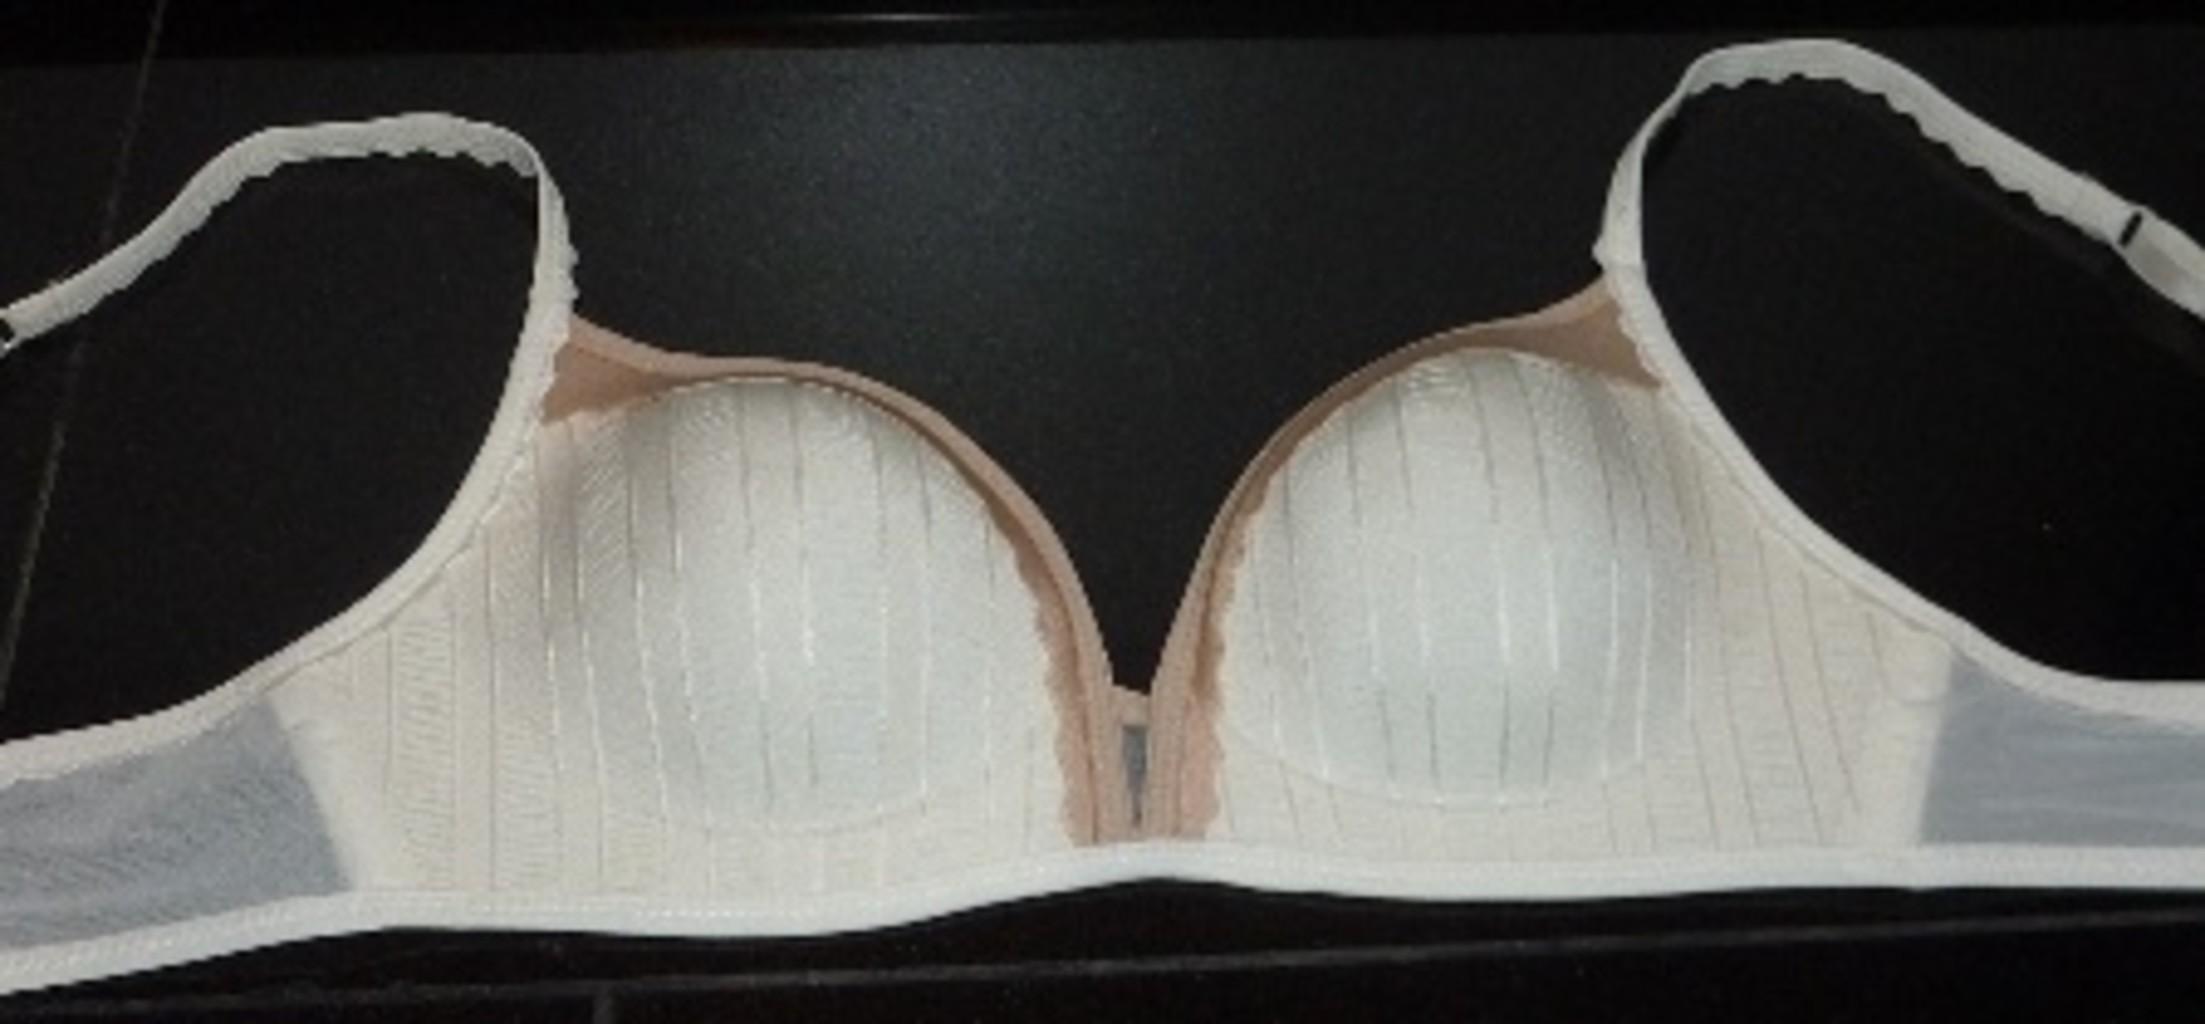 Dim ondergoed Osmose Glam Bh zonder beugel zwart-grijs of ivoor